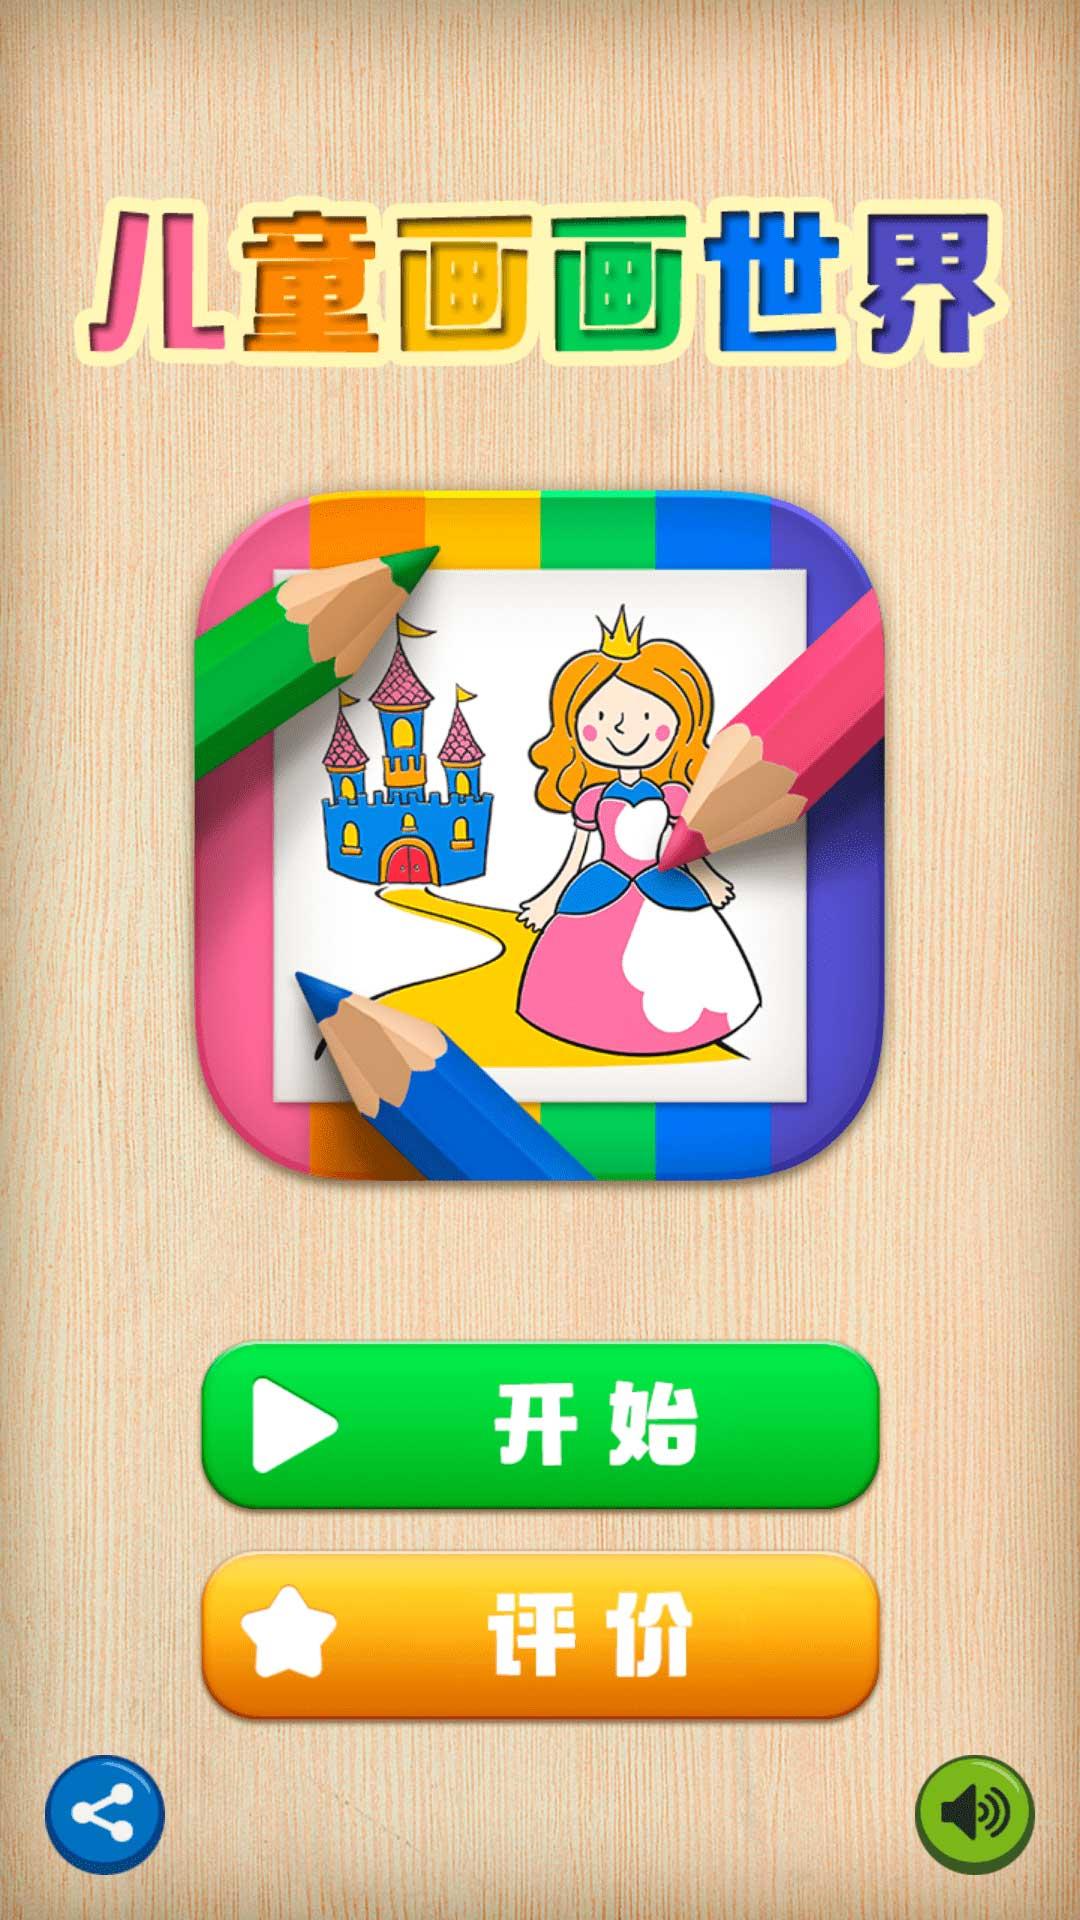 儿童画画世界_提供儿童画画世界1.0.8游戏软件下载_91